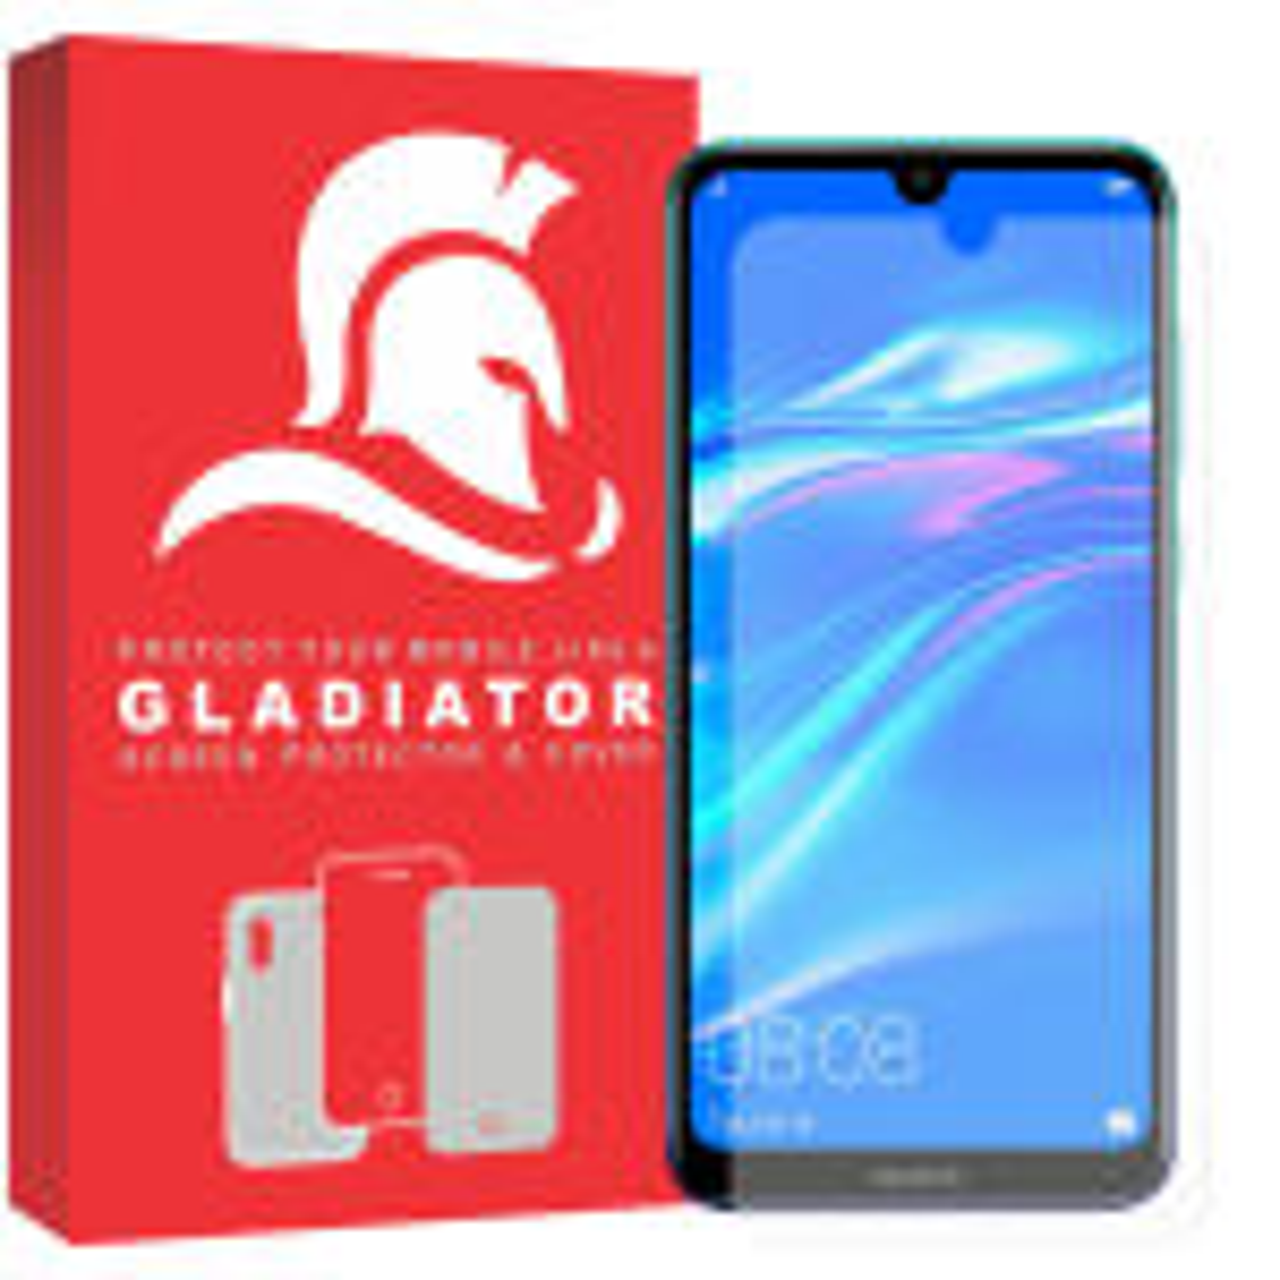 محافظ صفحه نمایش گلادیاتور مدل GLH1000 مناسب برای گوشی موبایل هوآوی Y7 Pro 2019 thumb